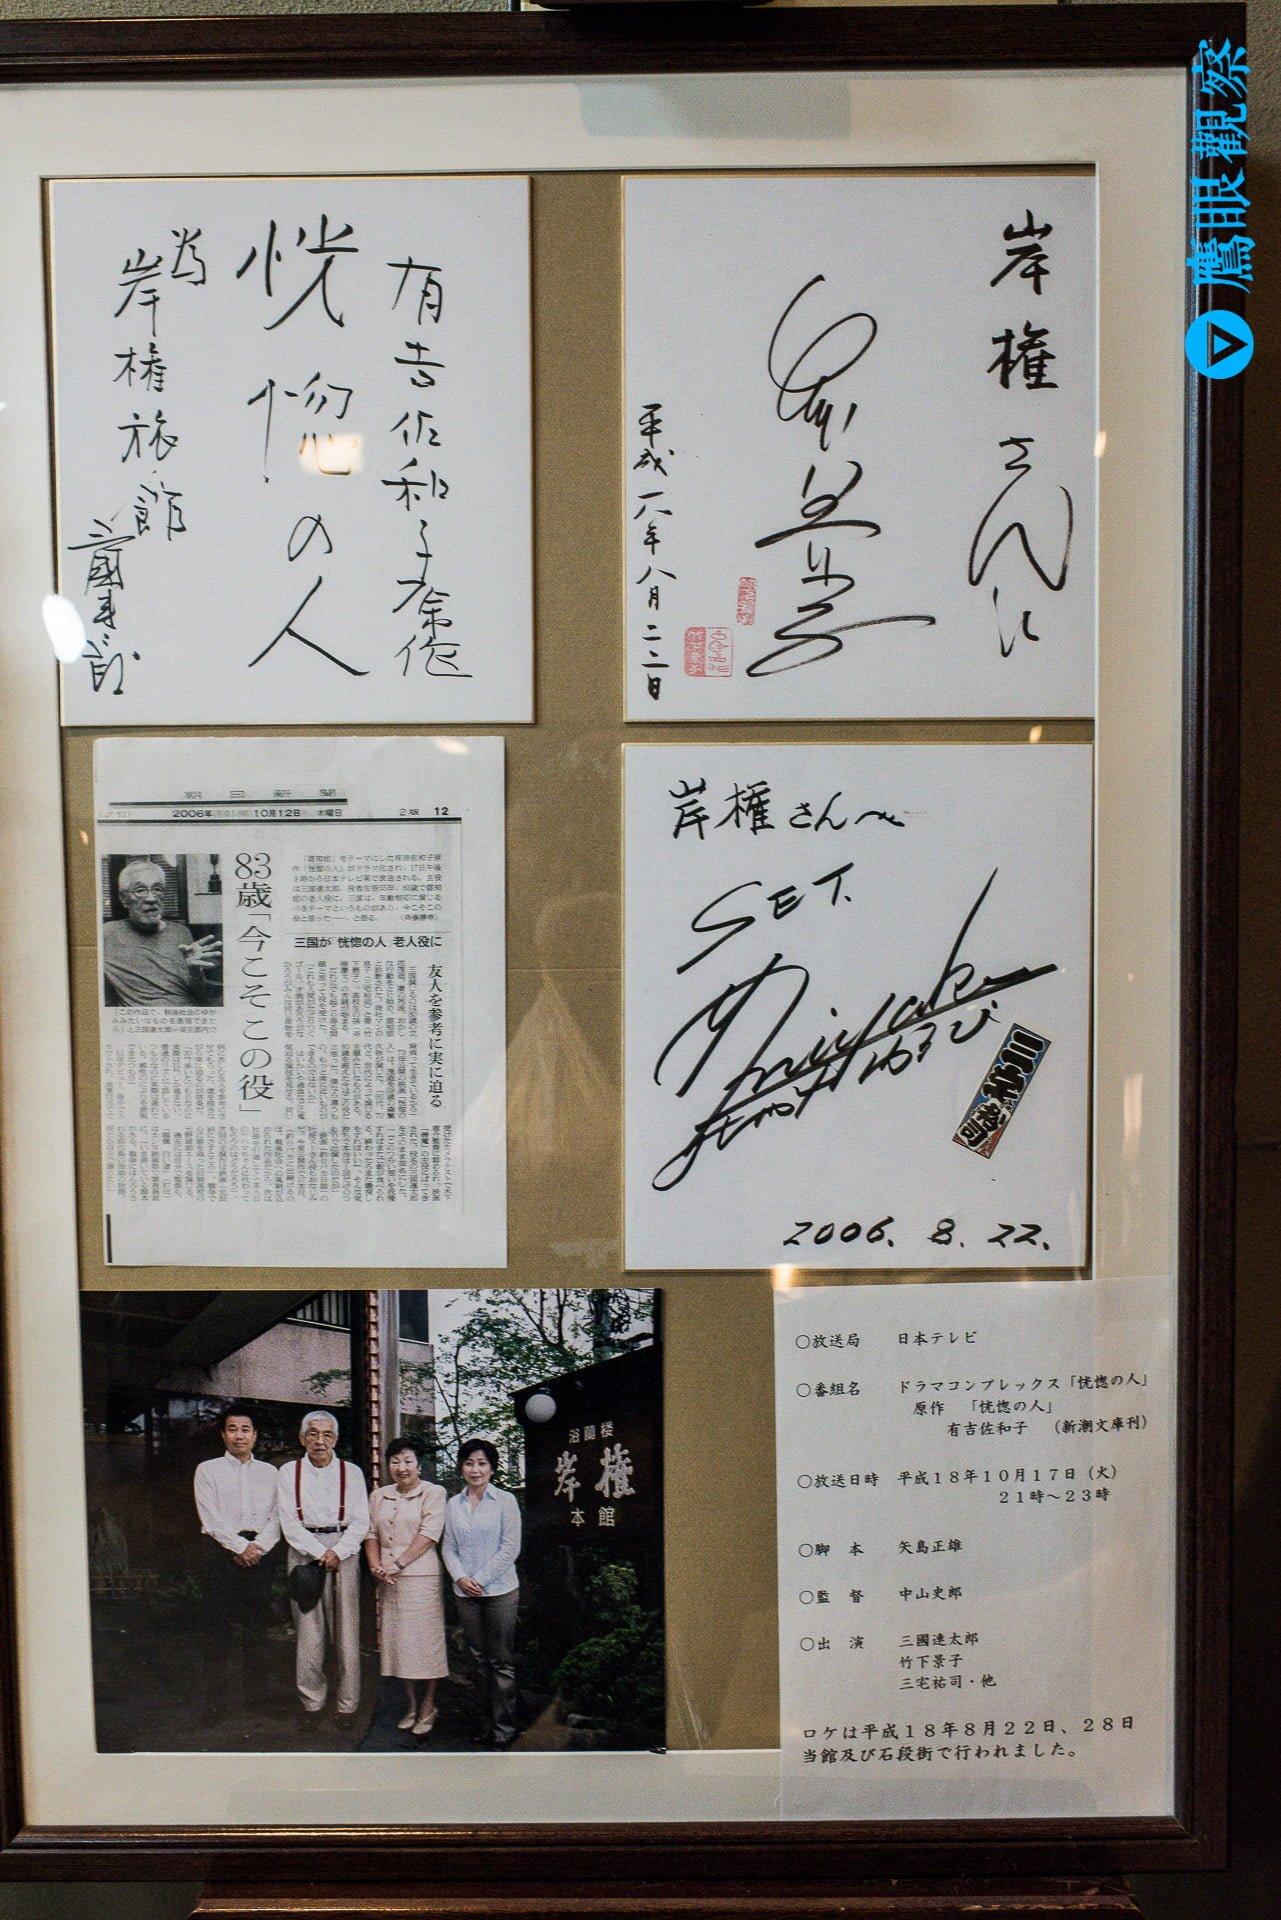 travel Japan gunma kishigon ryokan hotel in izumo spa hot spring 32 群馬縣伊香保溫泉「岸權旅館」日本旅館住宿推薦